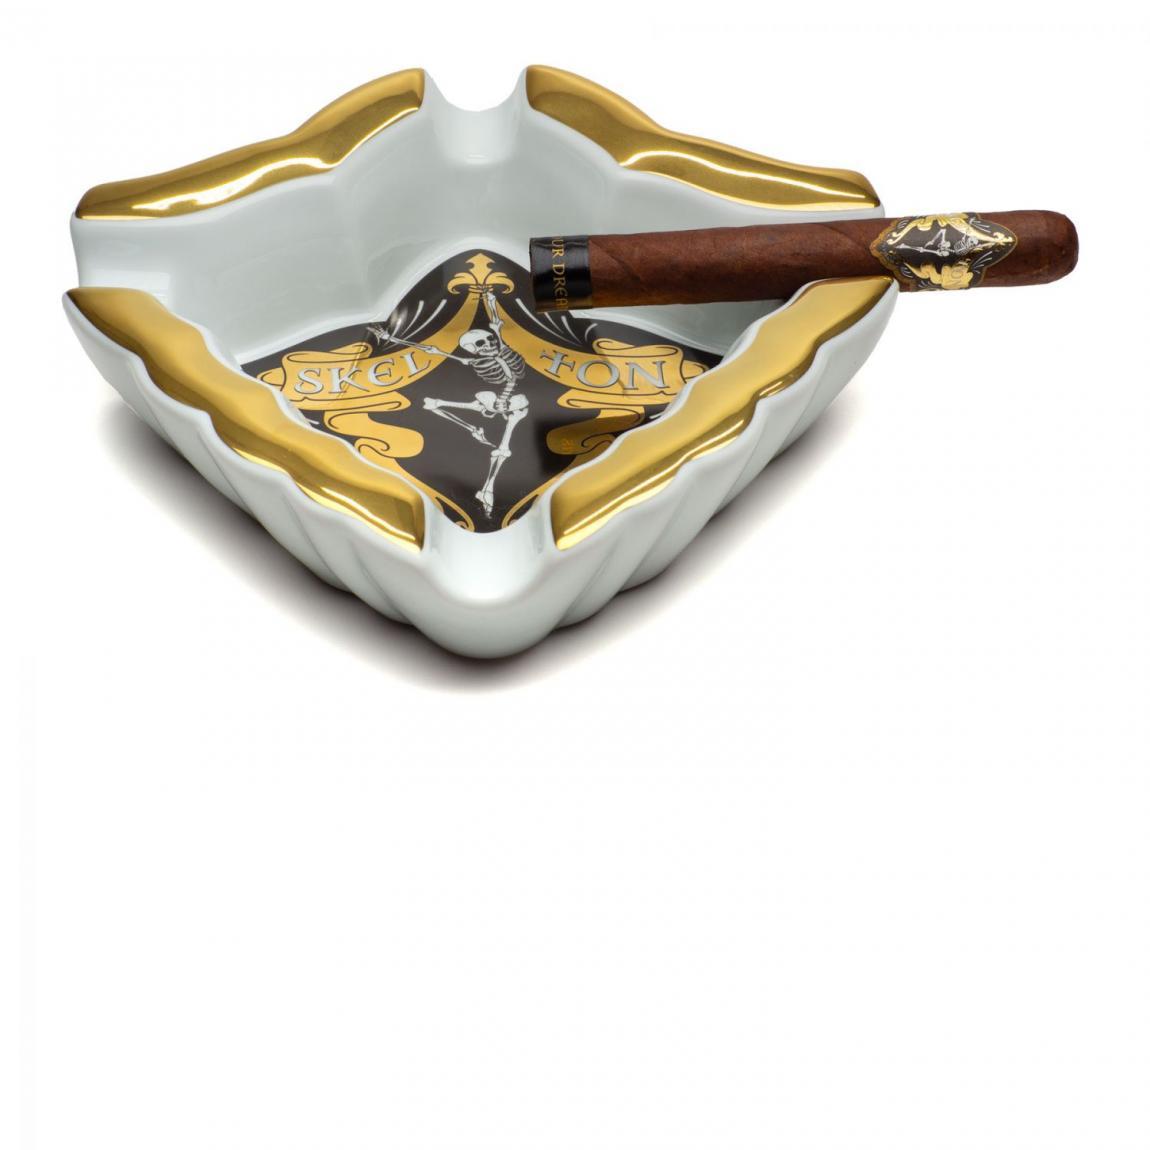 Skel Ton Porzellan Zigarrenaschenbecher, 4 Ablagen, weiß/gold